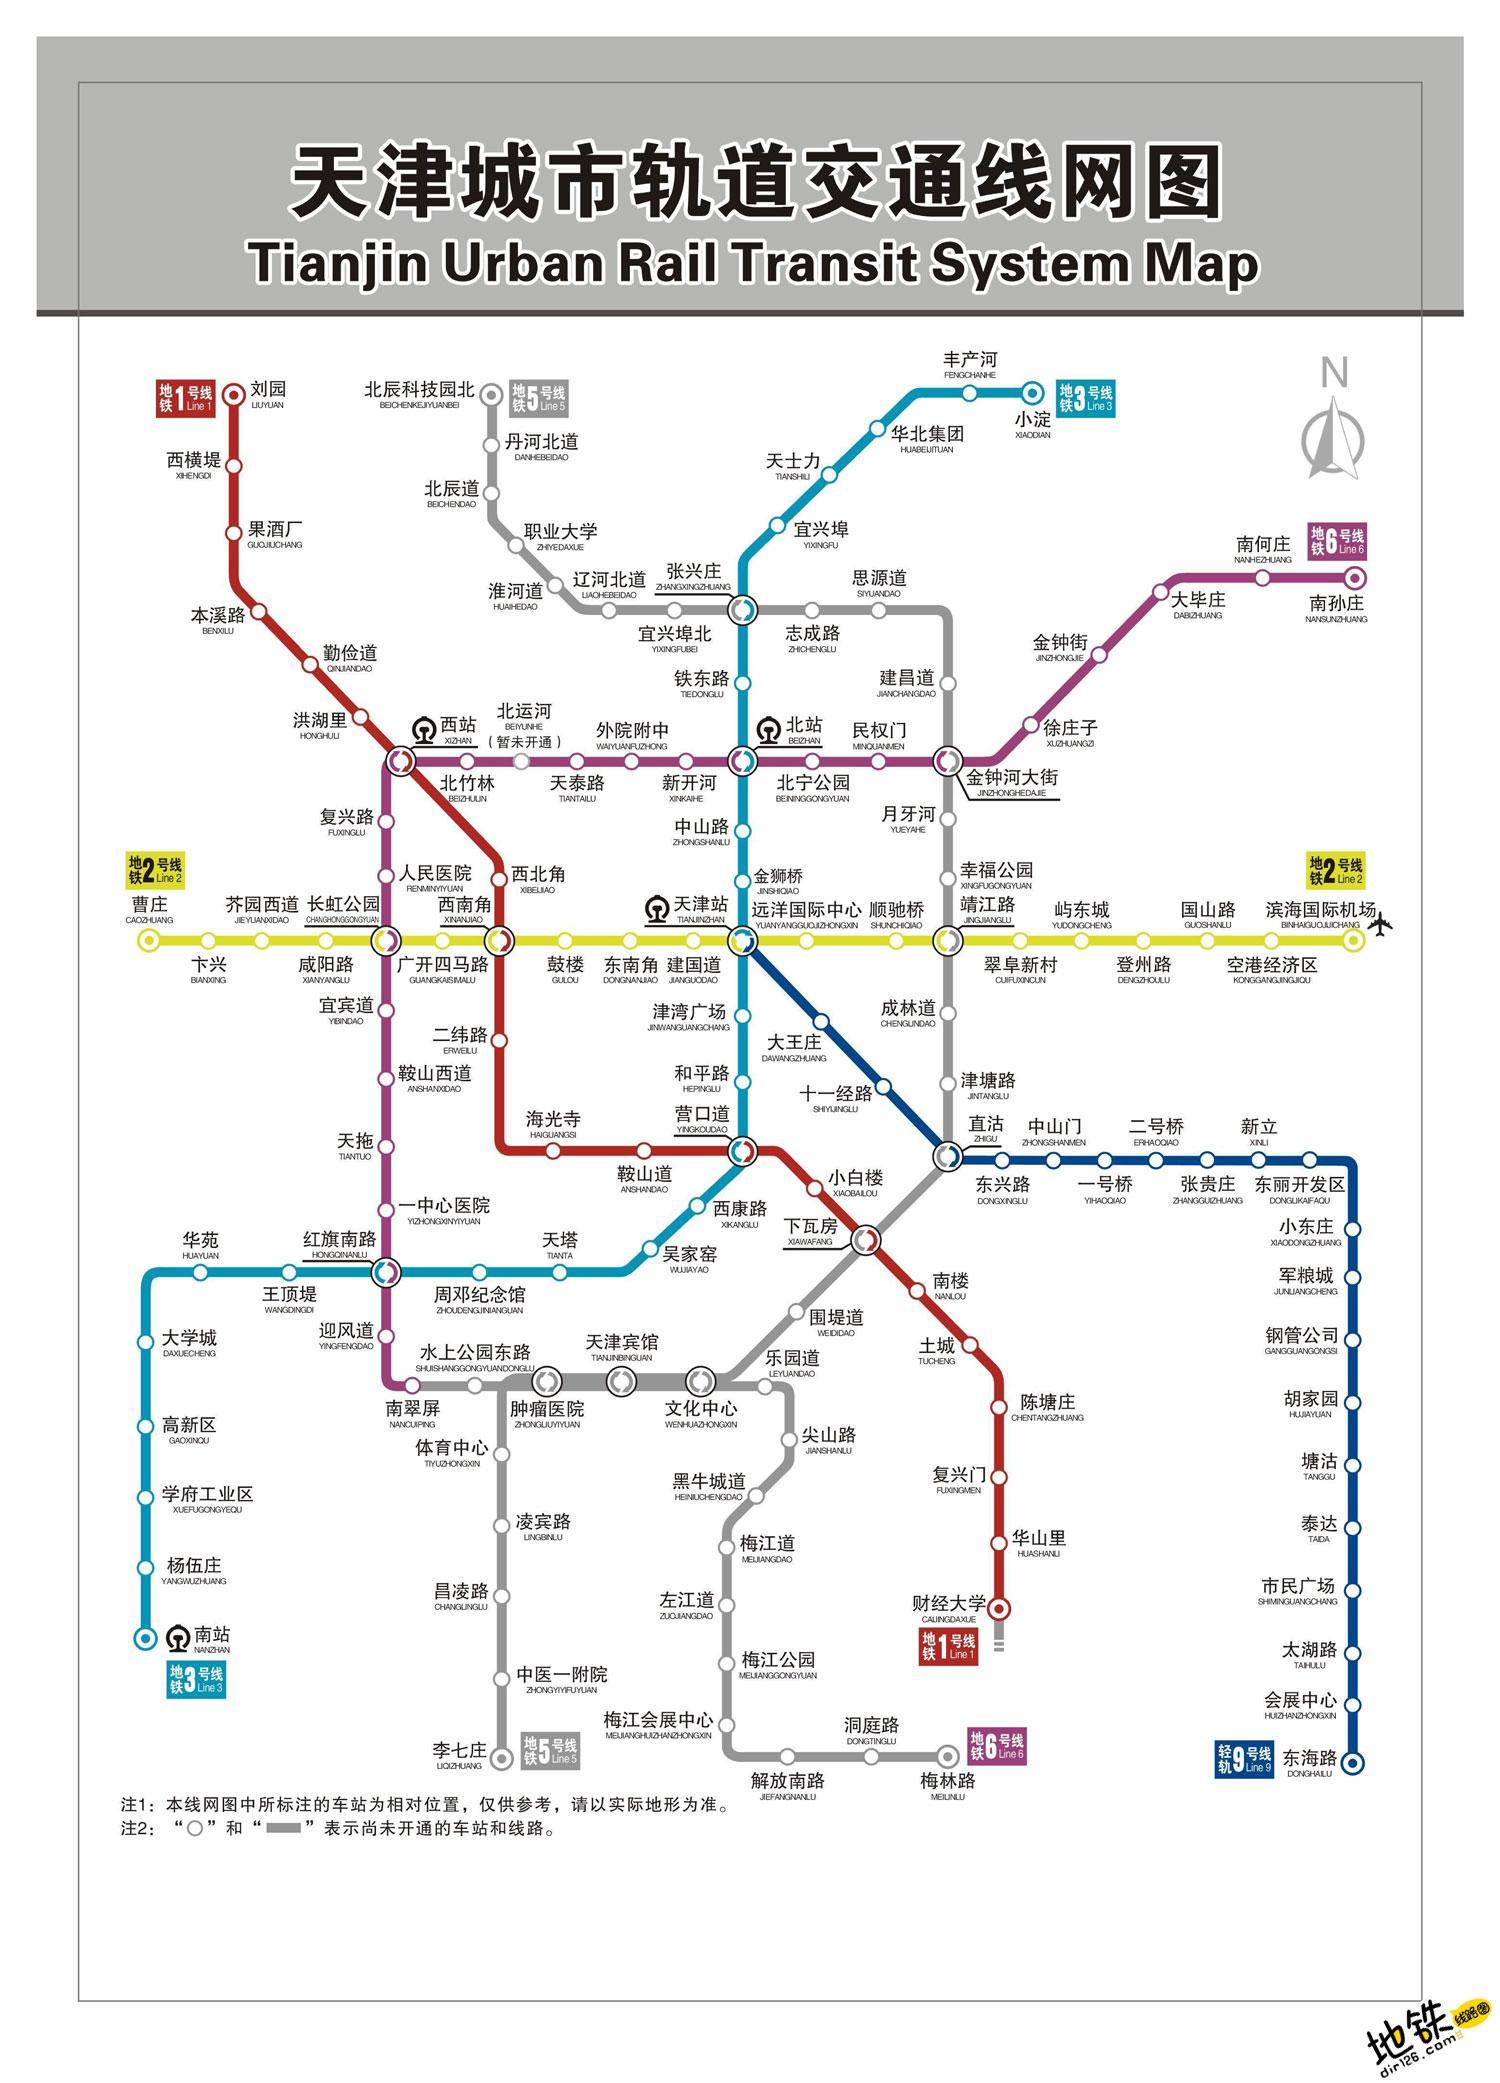 天津地铁线路图 运营时间票价站点 查询下载 天津地铁线路图 天津地铁票价 天津地铁运营时间 津滨轻轨 天津地铁 天津地铁线路图  第2张